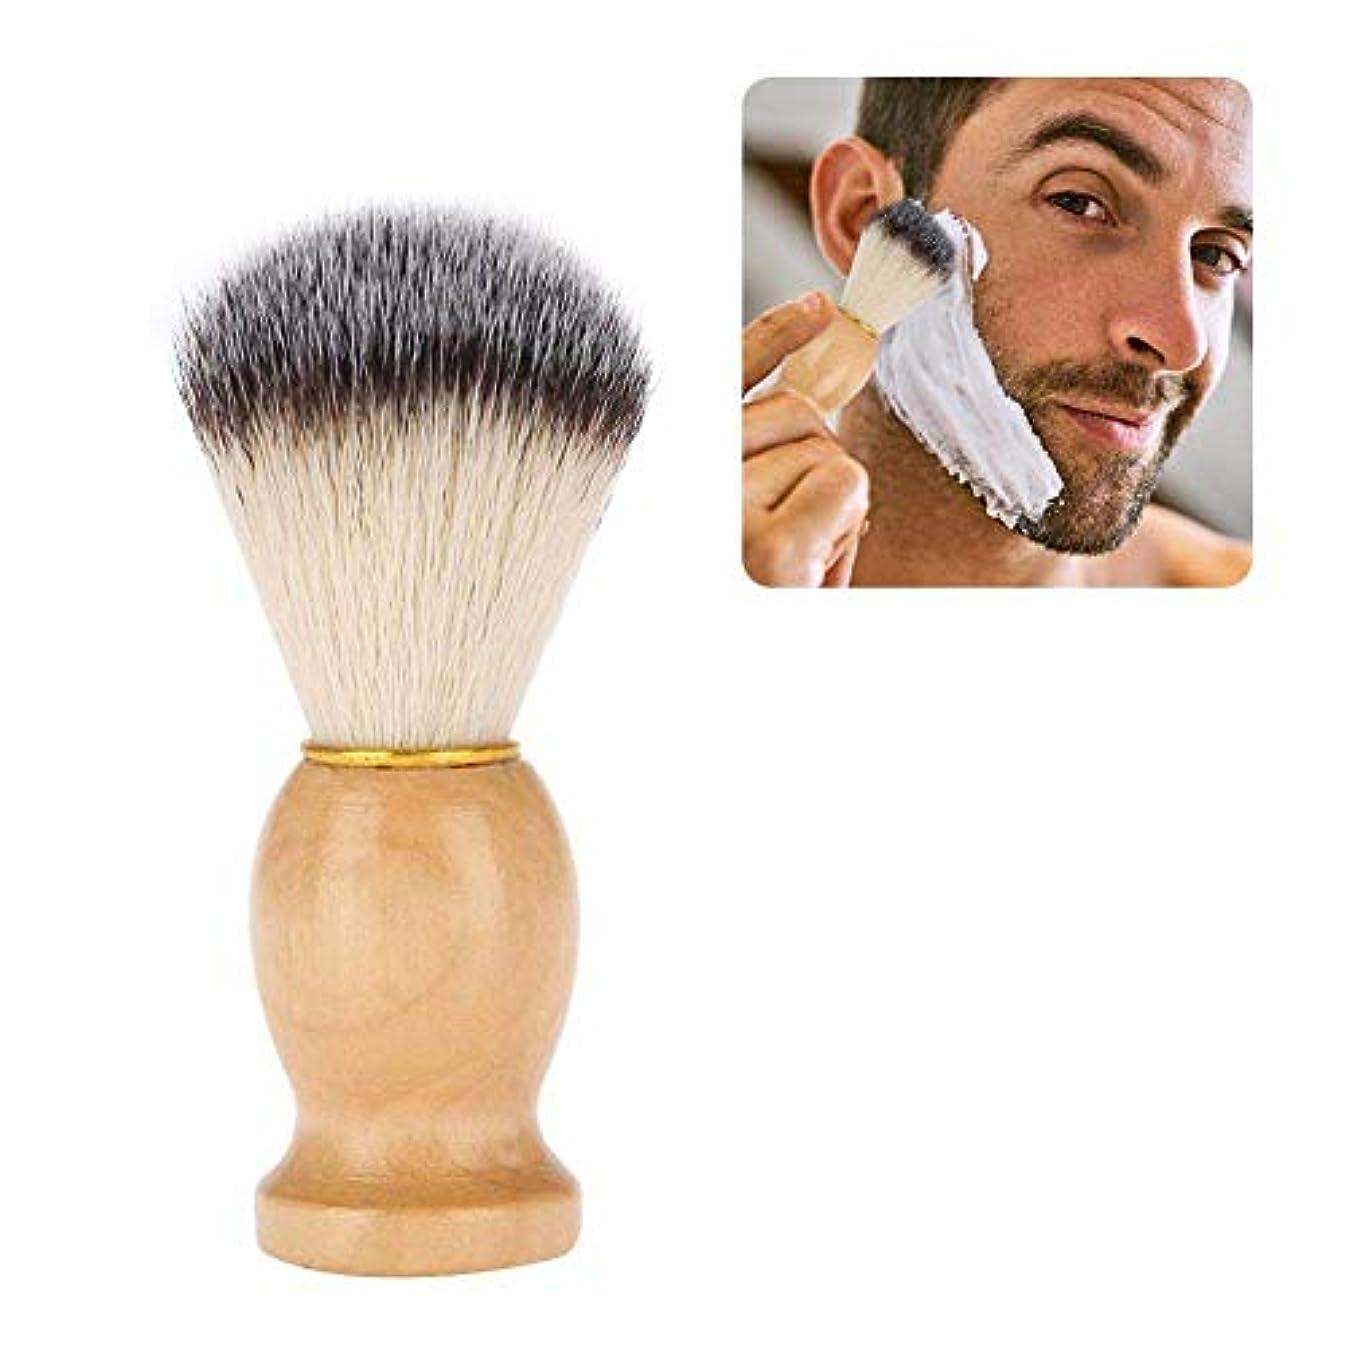 ガイダンス普通のテレックス1個 シェービングブラシ 髭剃り メンズ ポータブルひげ剃り美容ツール